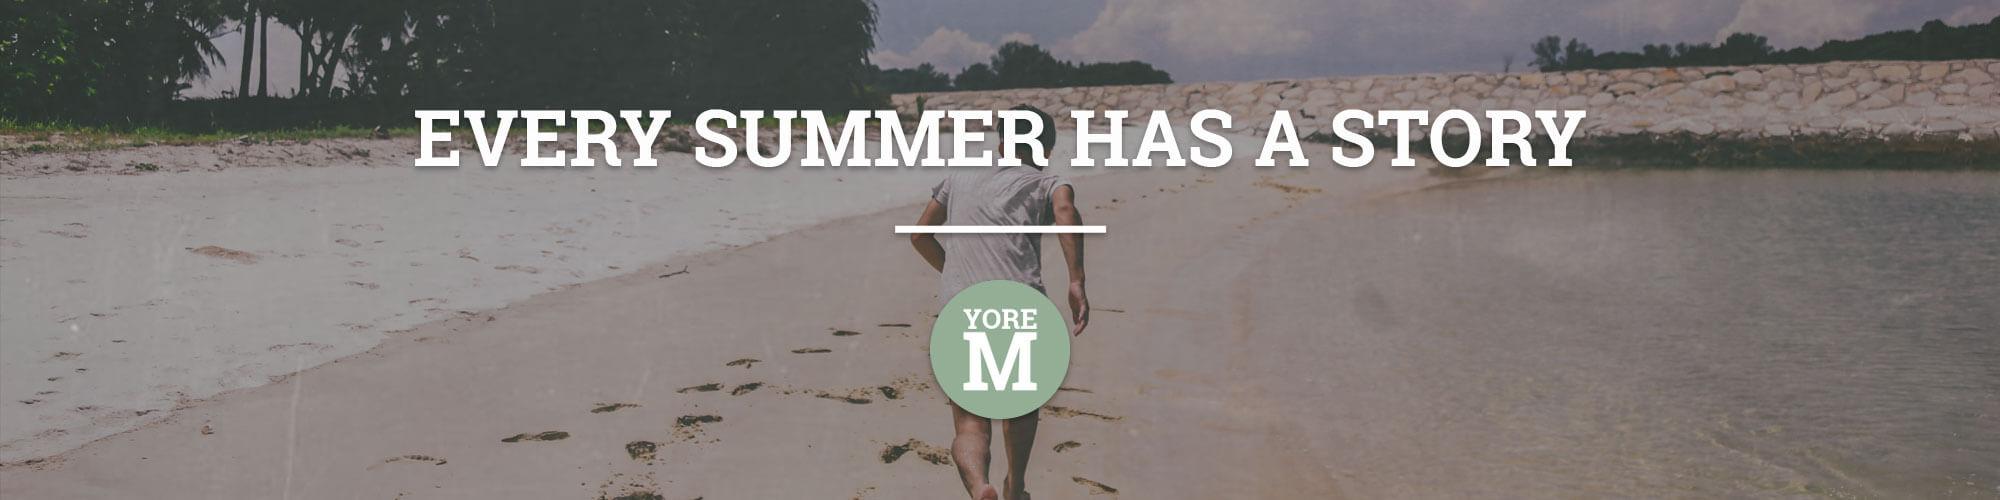 yorem-verovert-online-summer